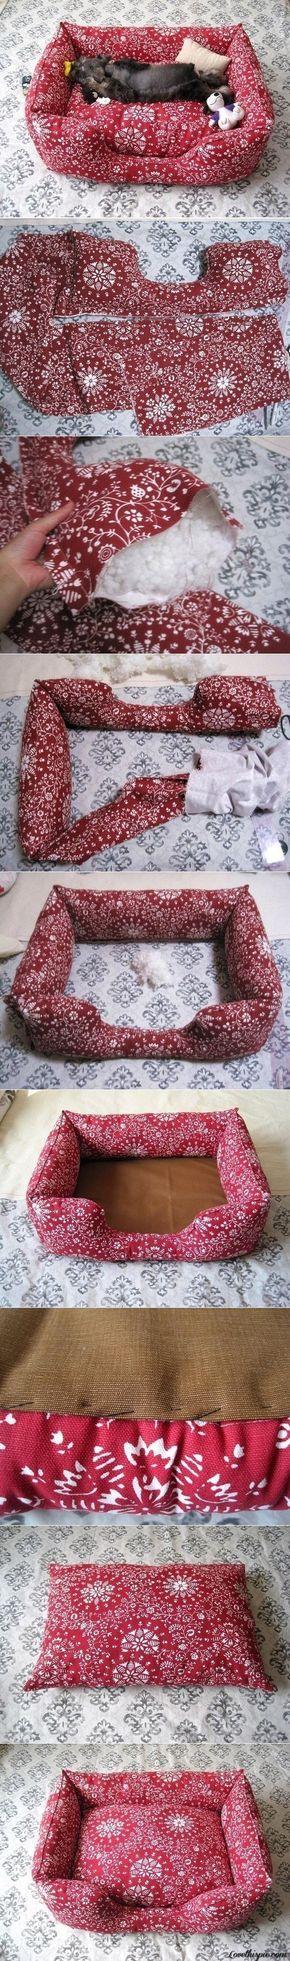 DIY Fabric Pet Sofa diy furniture crafts craft ideas diy ideas home diy pet bed fabric